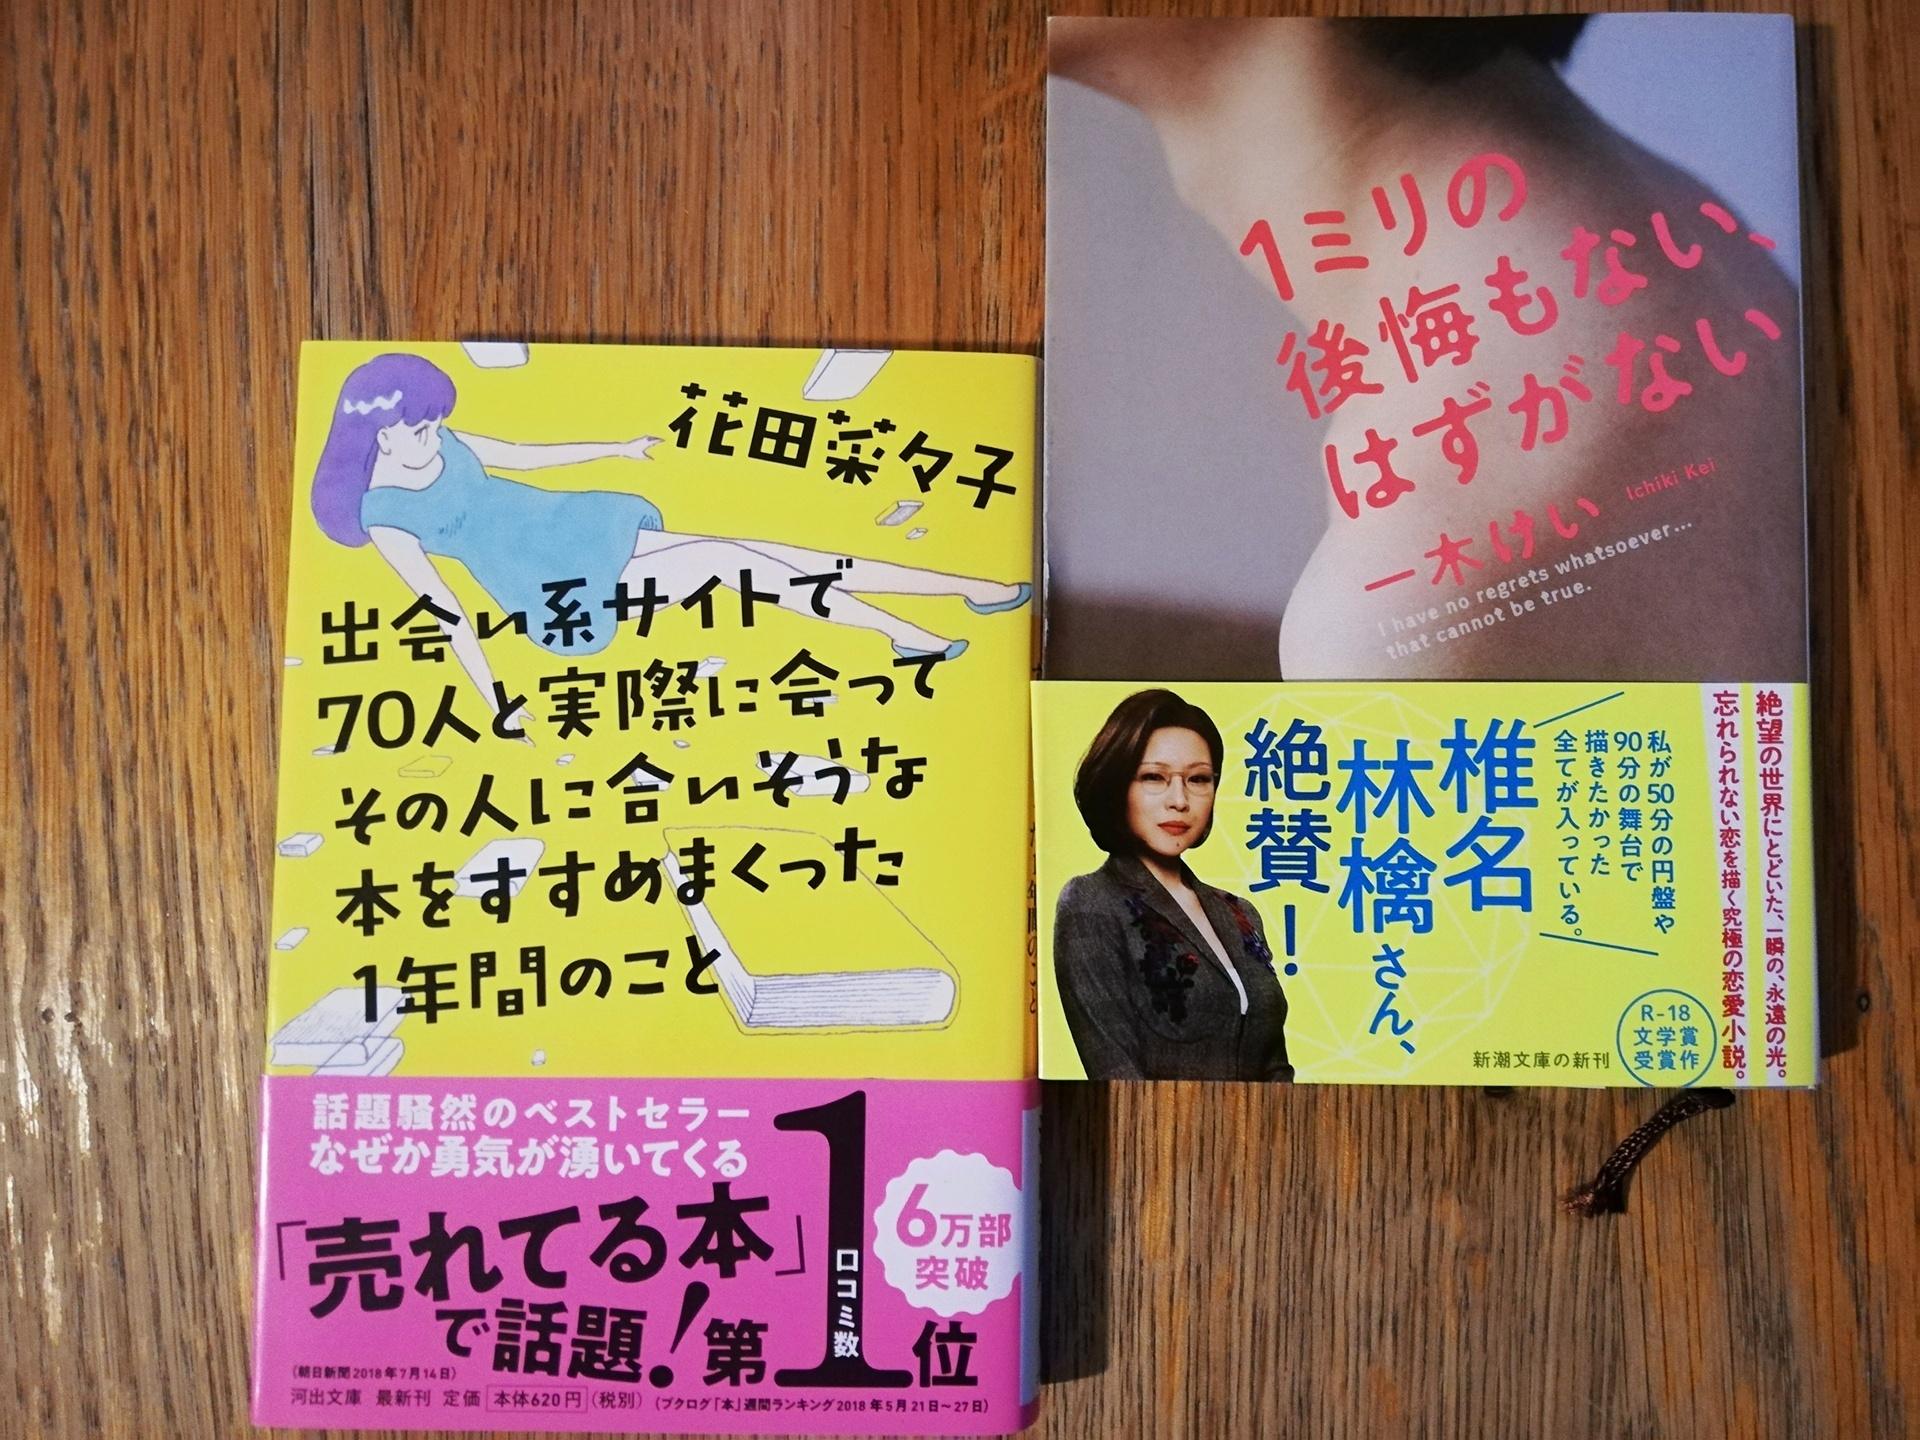 話題のエンタメ小説『太陽は動かない』シリーズから目が離せない!!【2020年6月読書レポート】